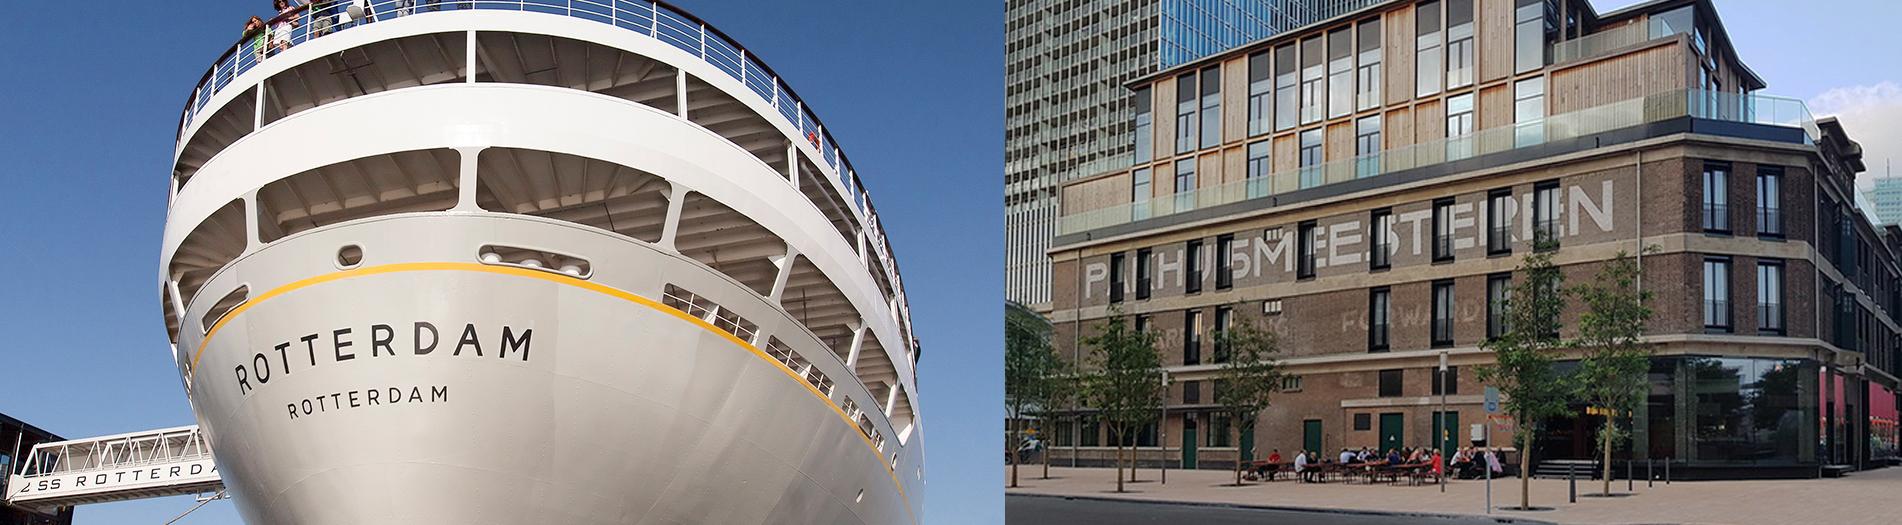 Nopeus dating tapahtuma Rotterdam